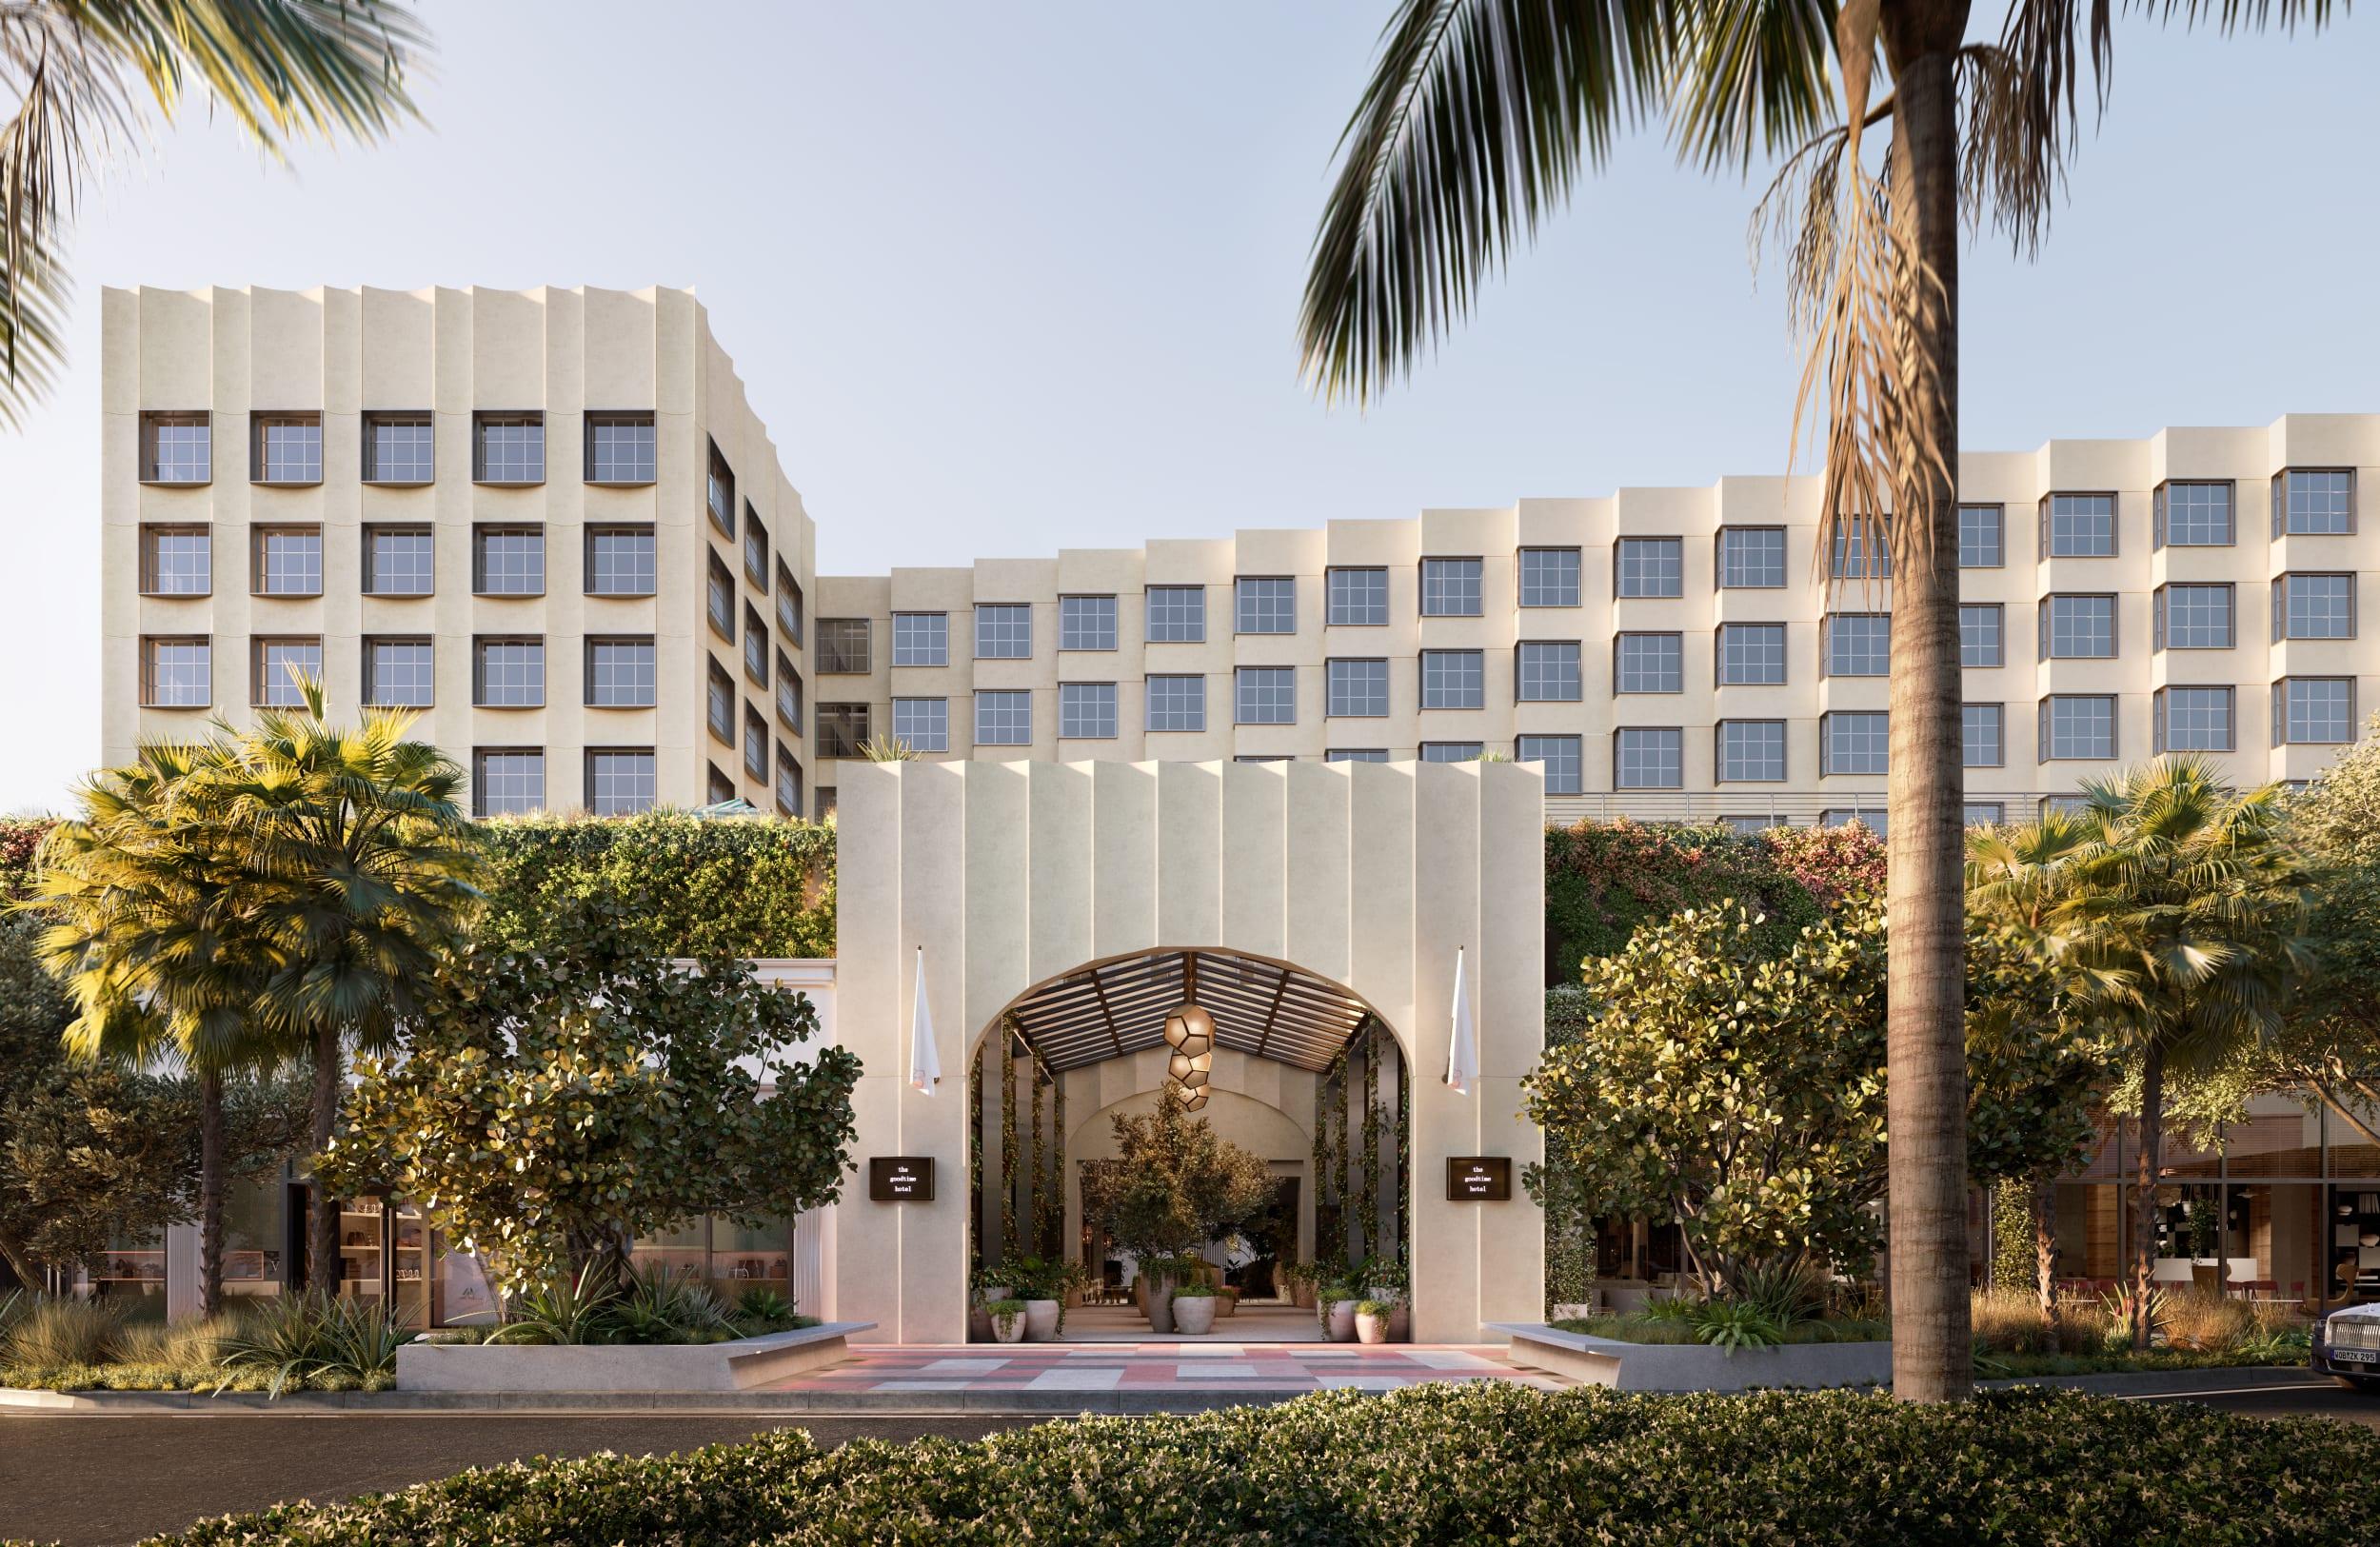 Goodtime Hotel in Miami Beach